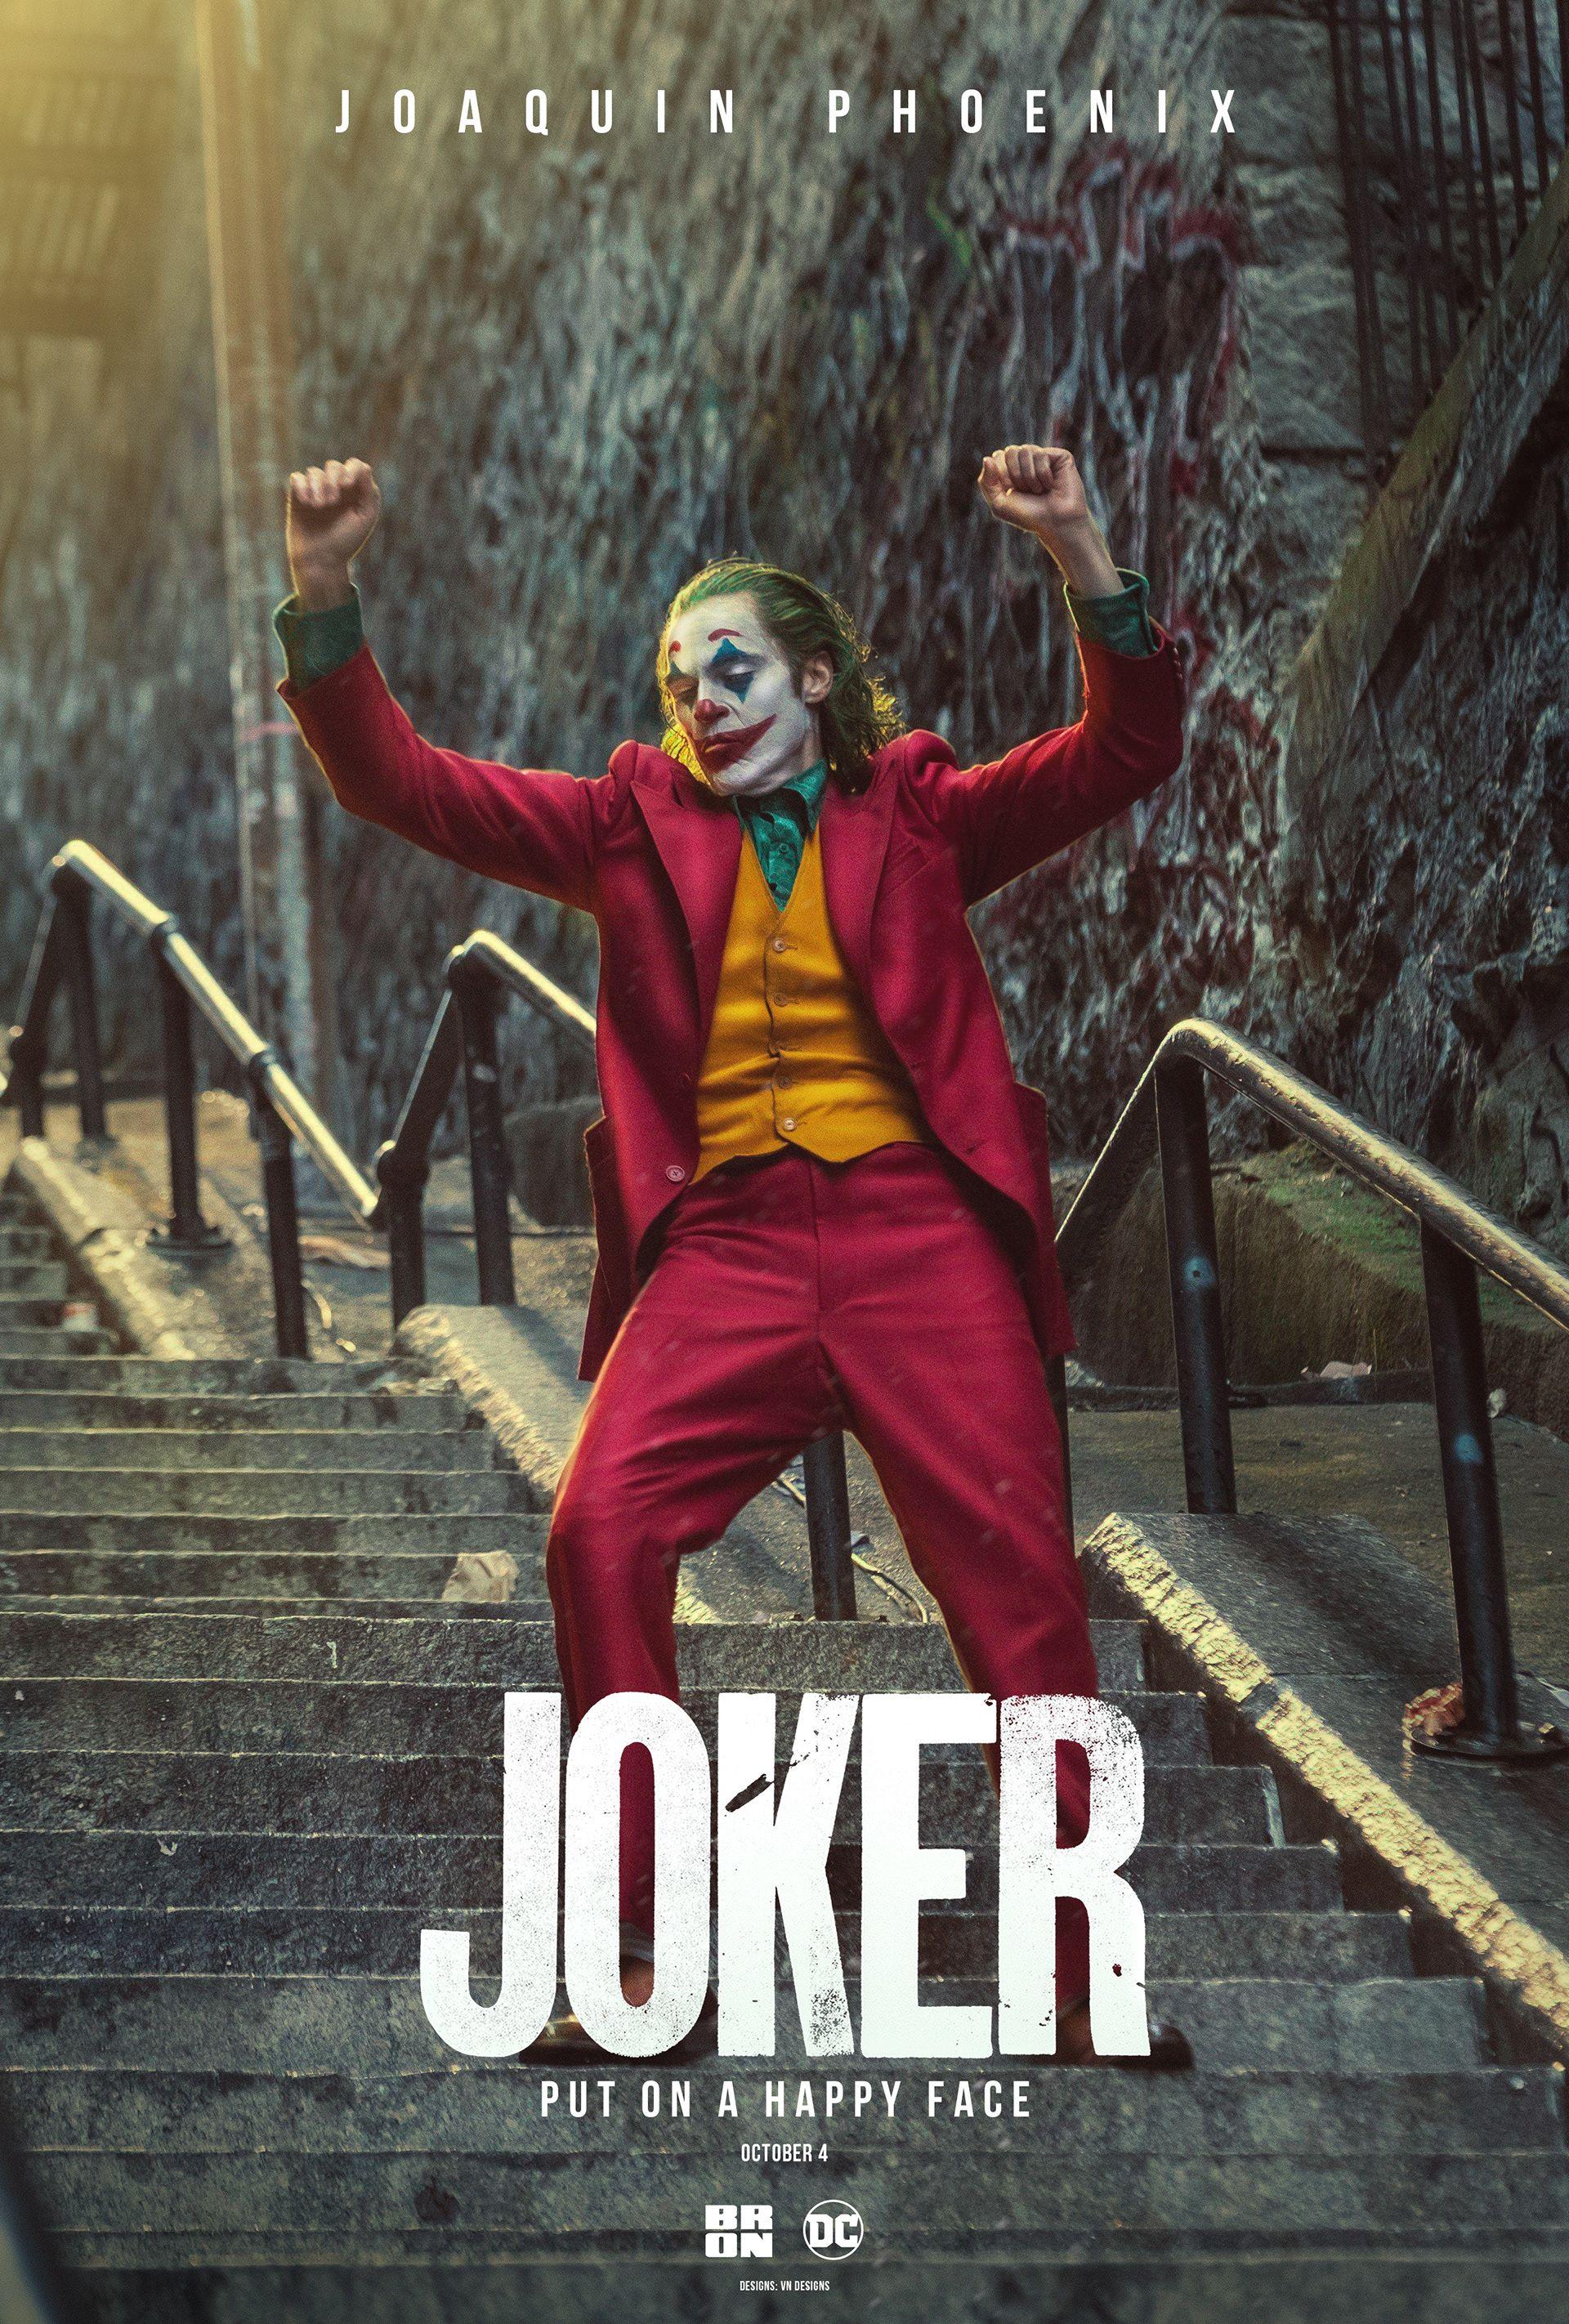 Jocker Film Unofficial Poster Designs On Behance Joker Poster Joker Images Joker Comic